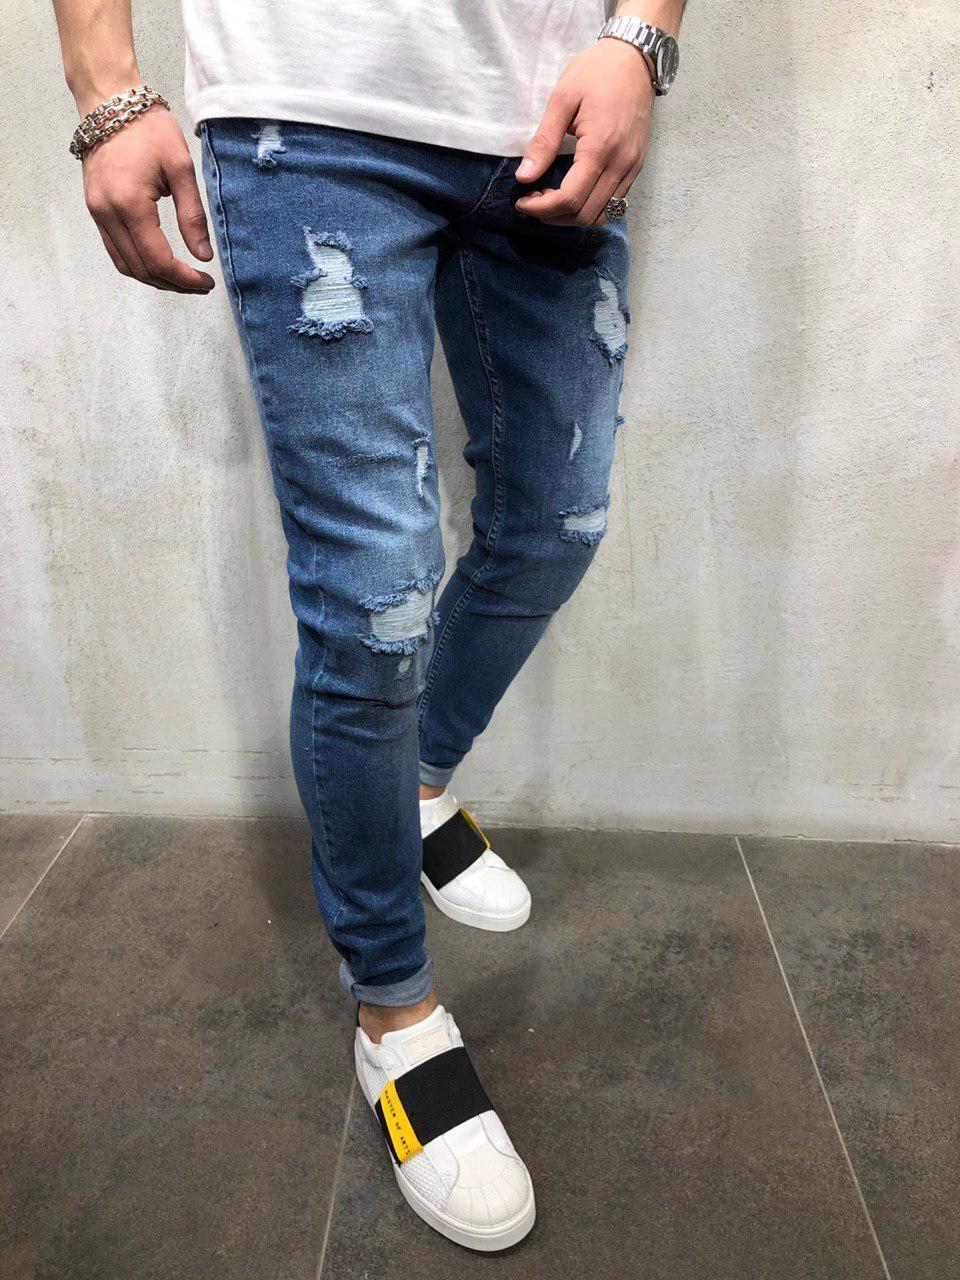 adf0ca12684 Джинсы мужские синие рваные   зауженные джинсы   весна лето осень   ТОП  КАЧЕСТВО   мужские